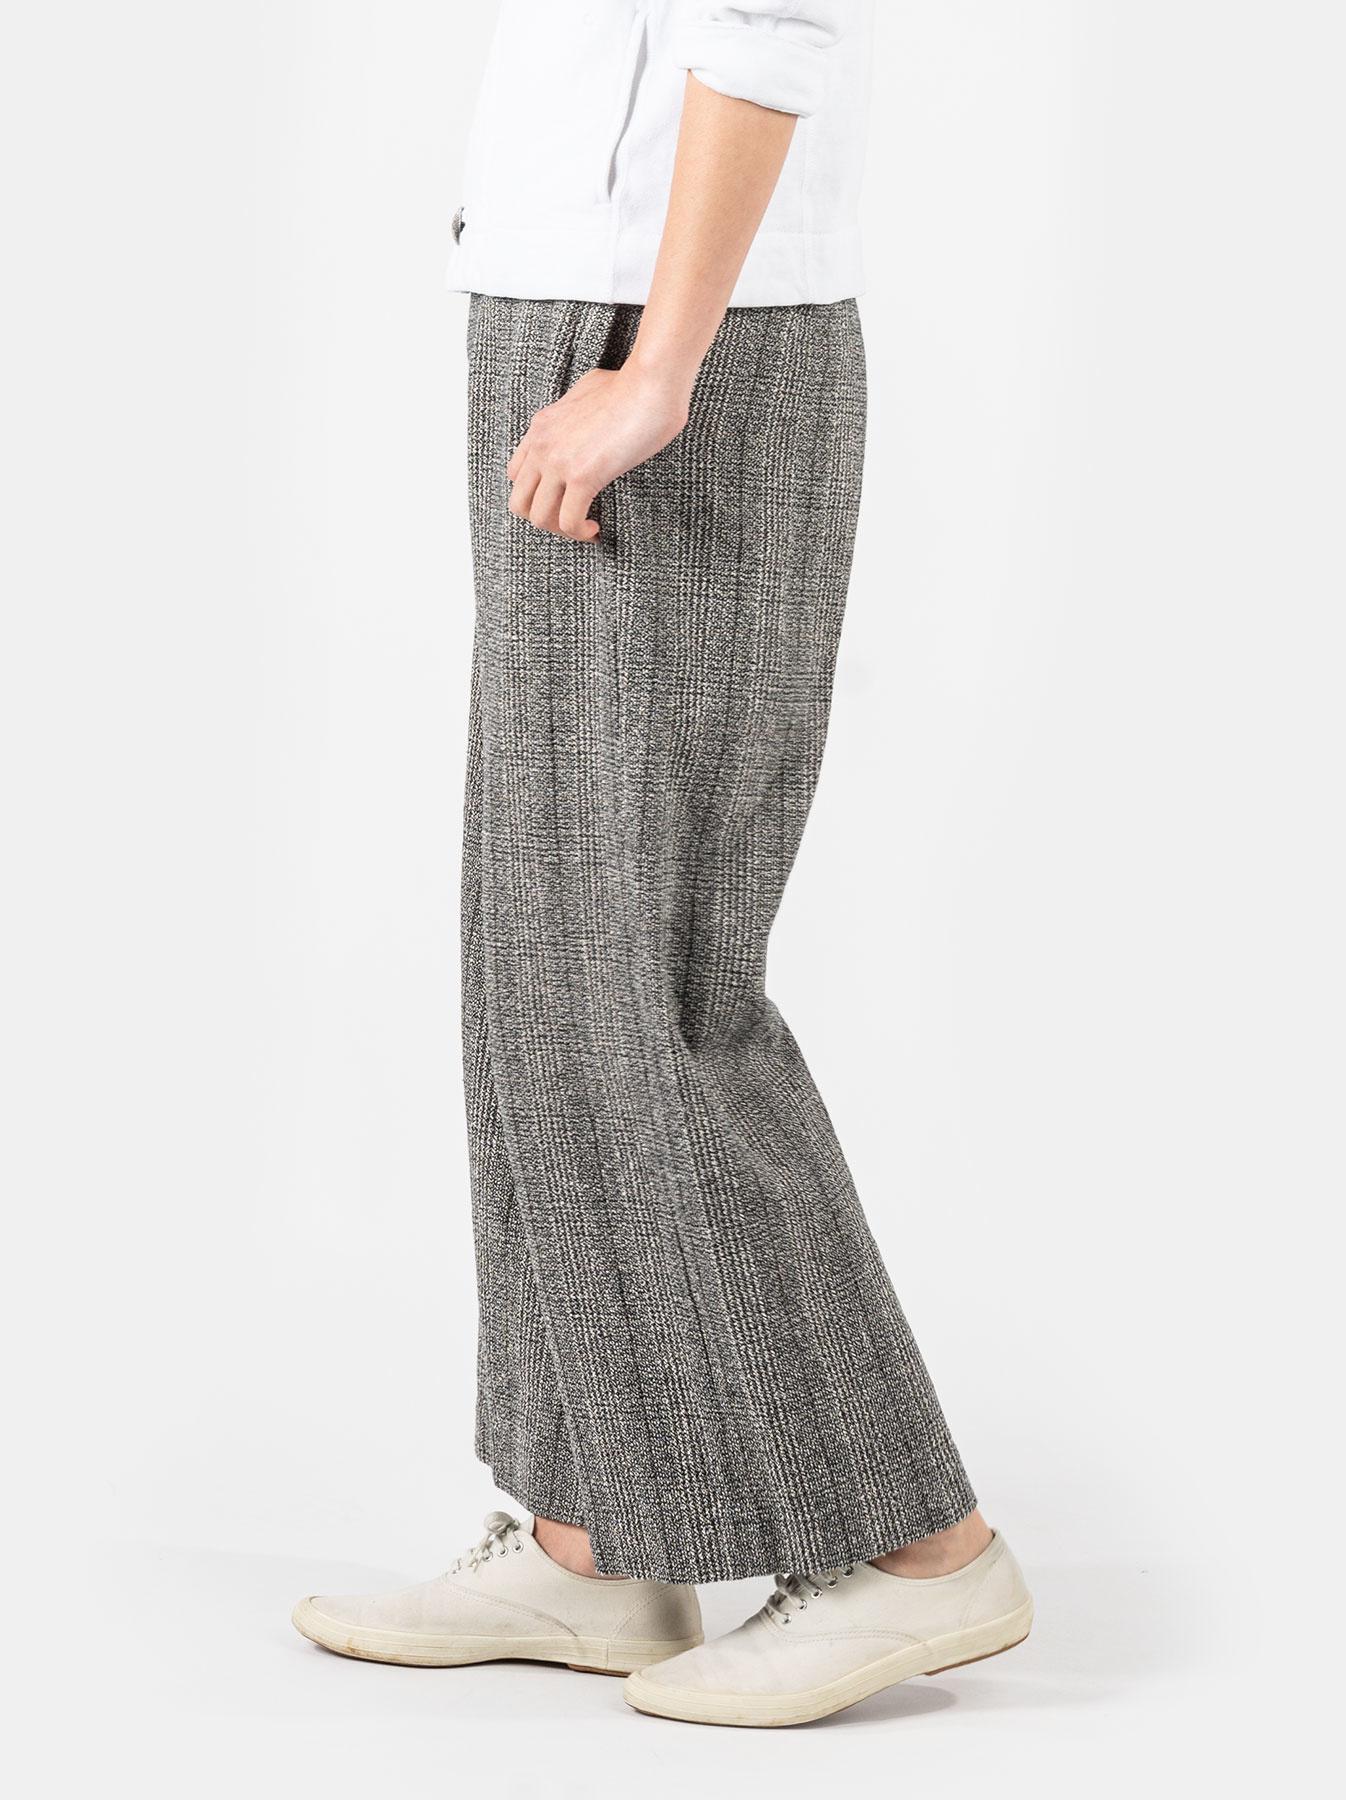 WH Mokumoku Tweed 908 Pants-4